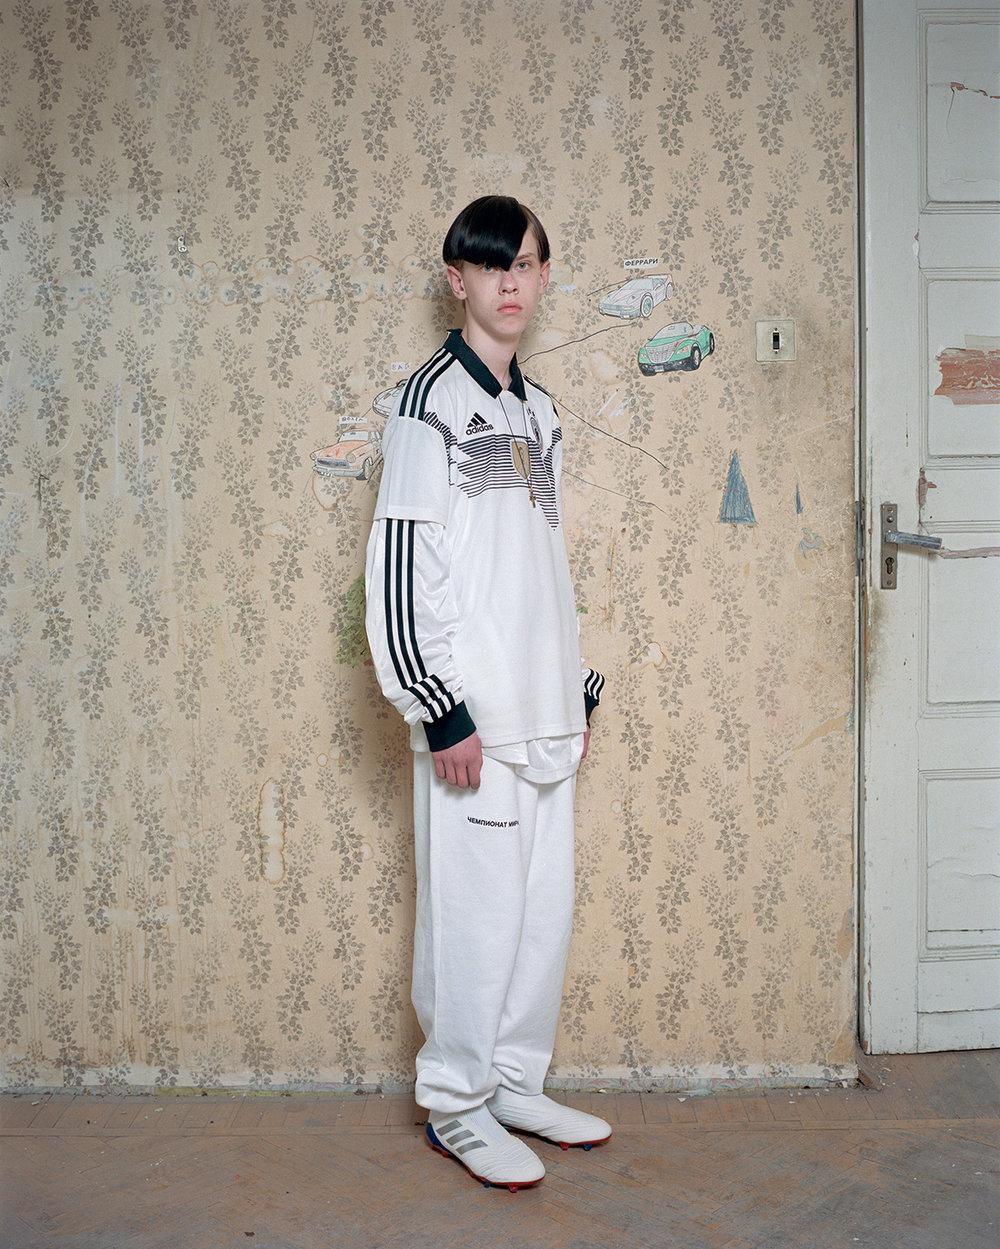 02_ANDREW_MIKSYS_Adidas_Gosha_Rubchinskiy.jpg